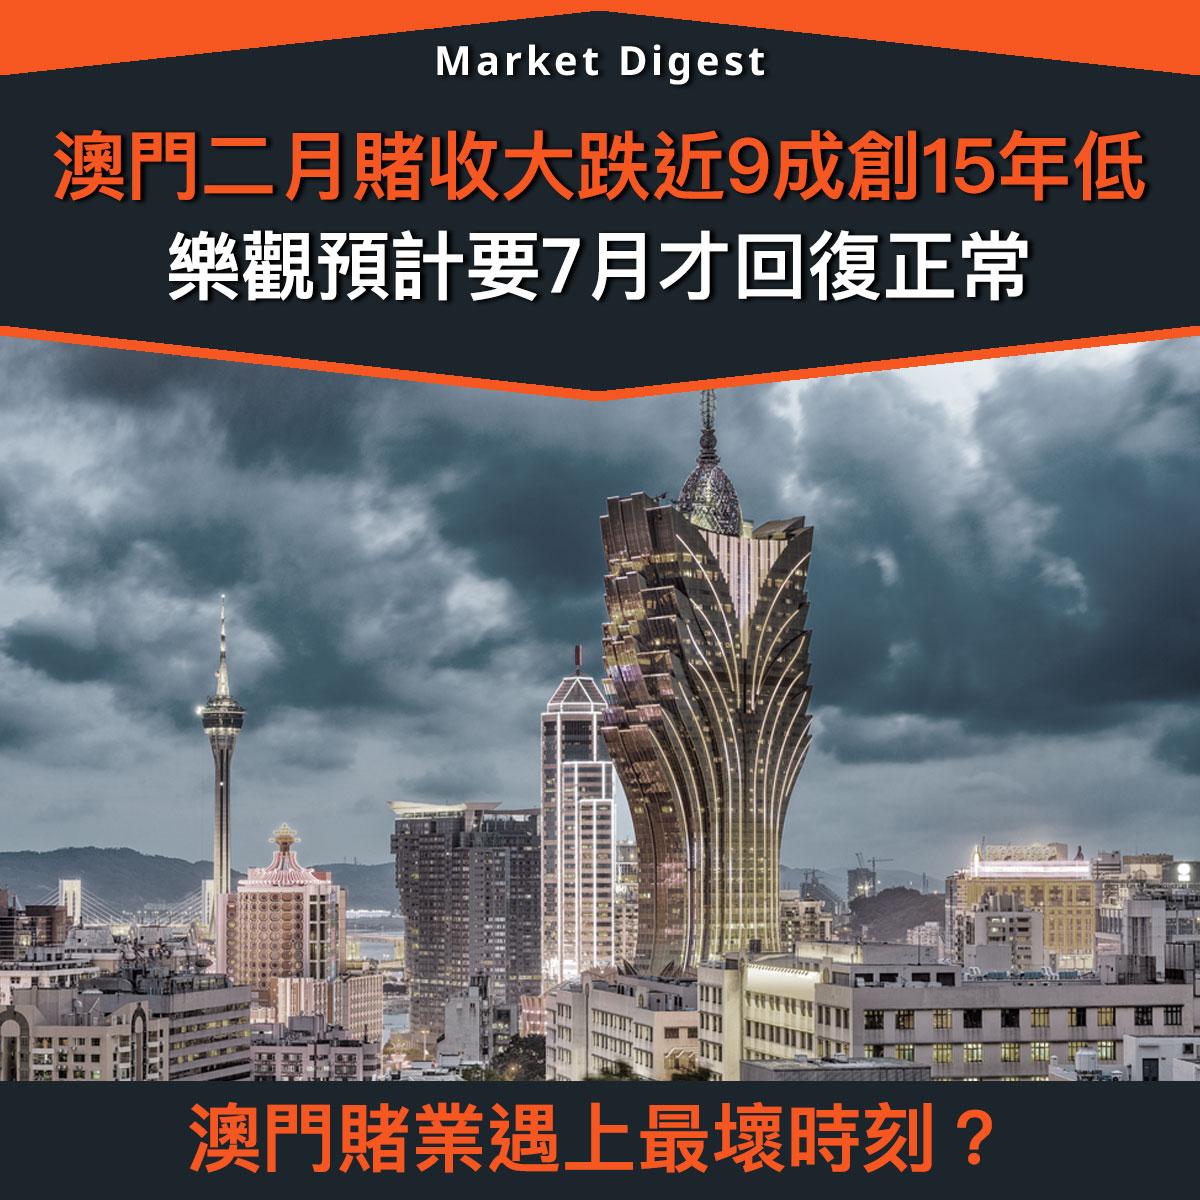 【市場熱話】澳門二月賭收大跌近9成創15年低,樂觀預計要7月才回復正常